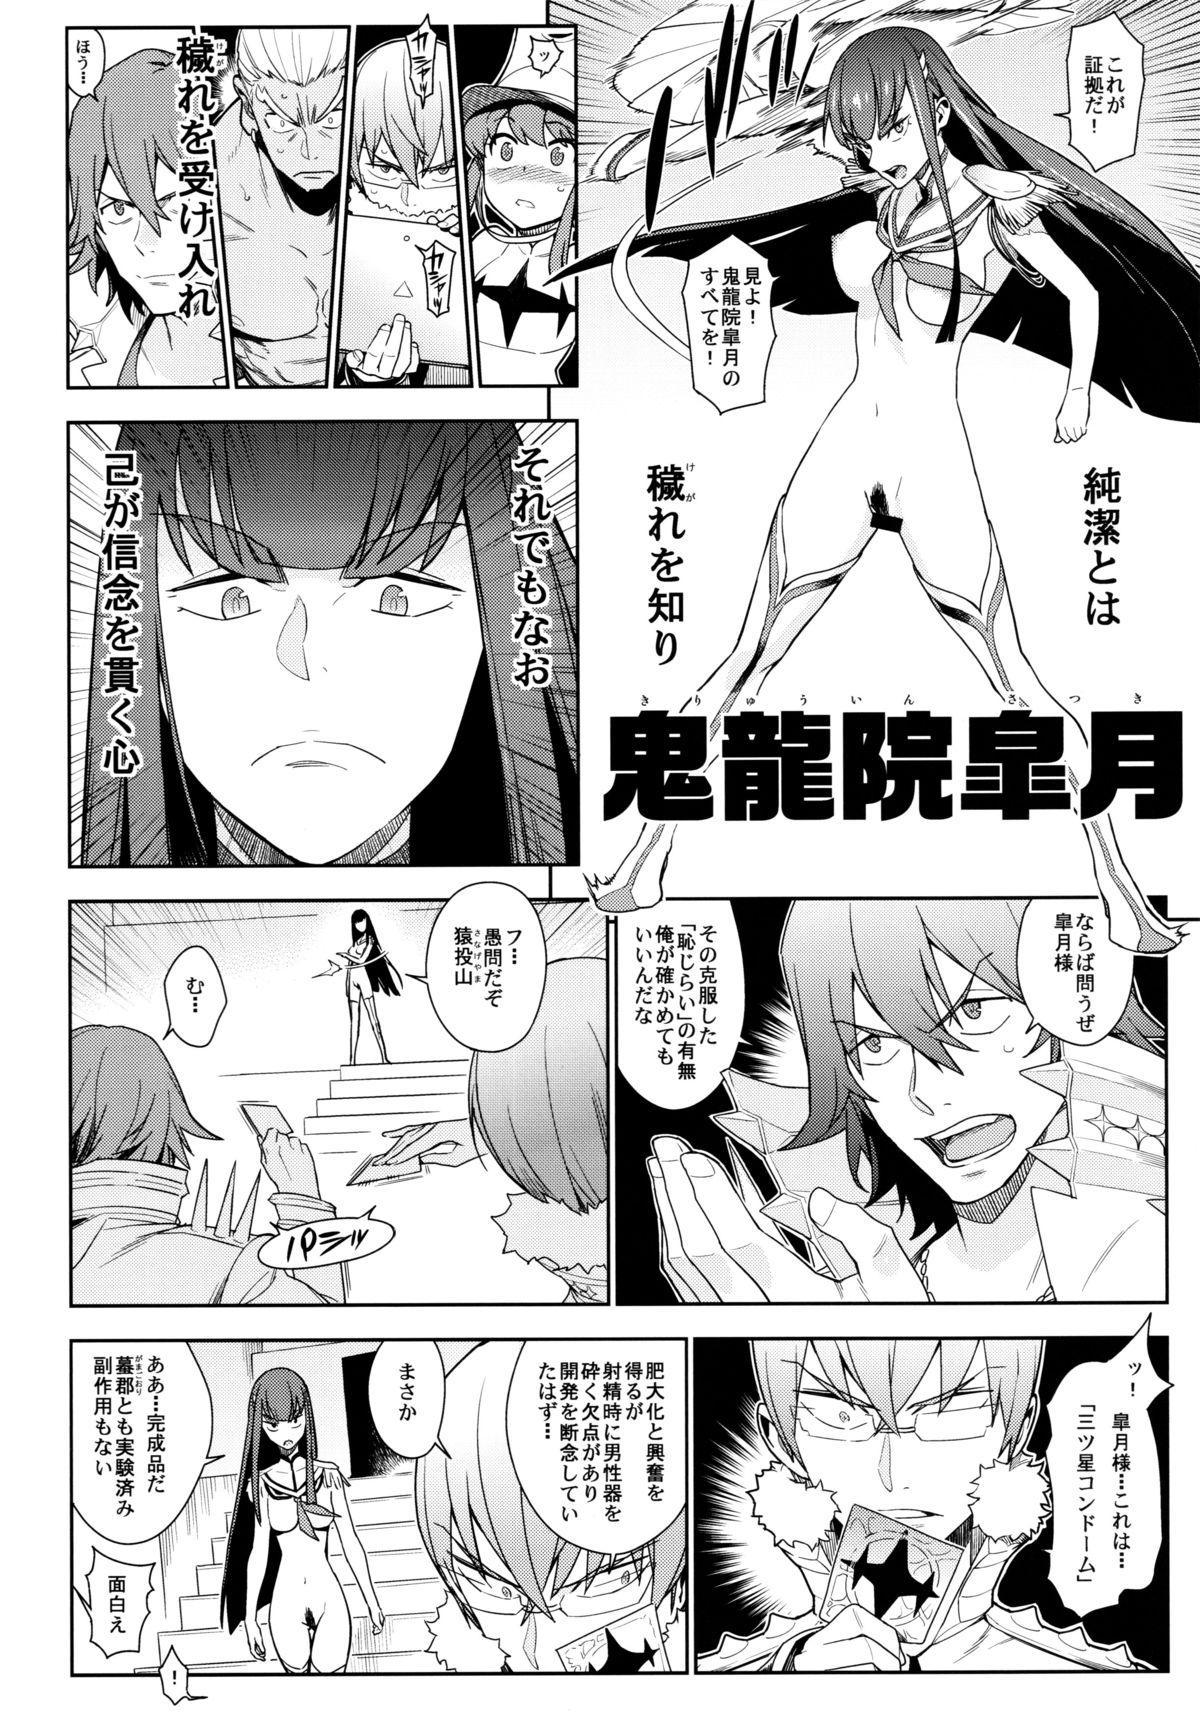 Seiten Hakujitsu 6